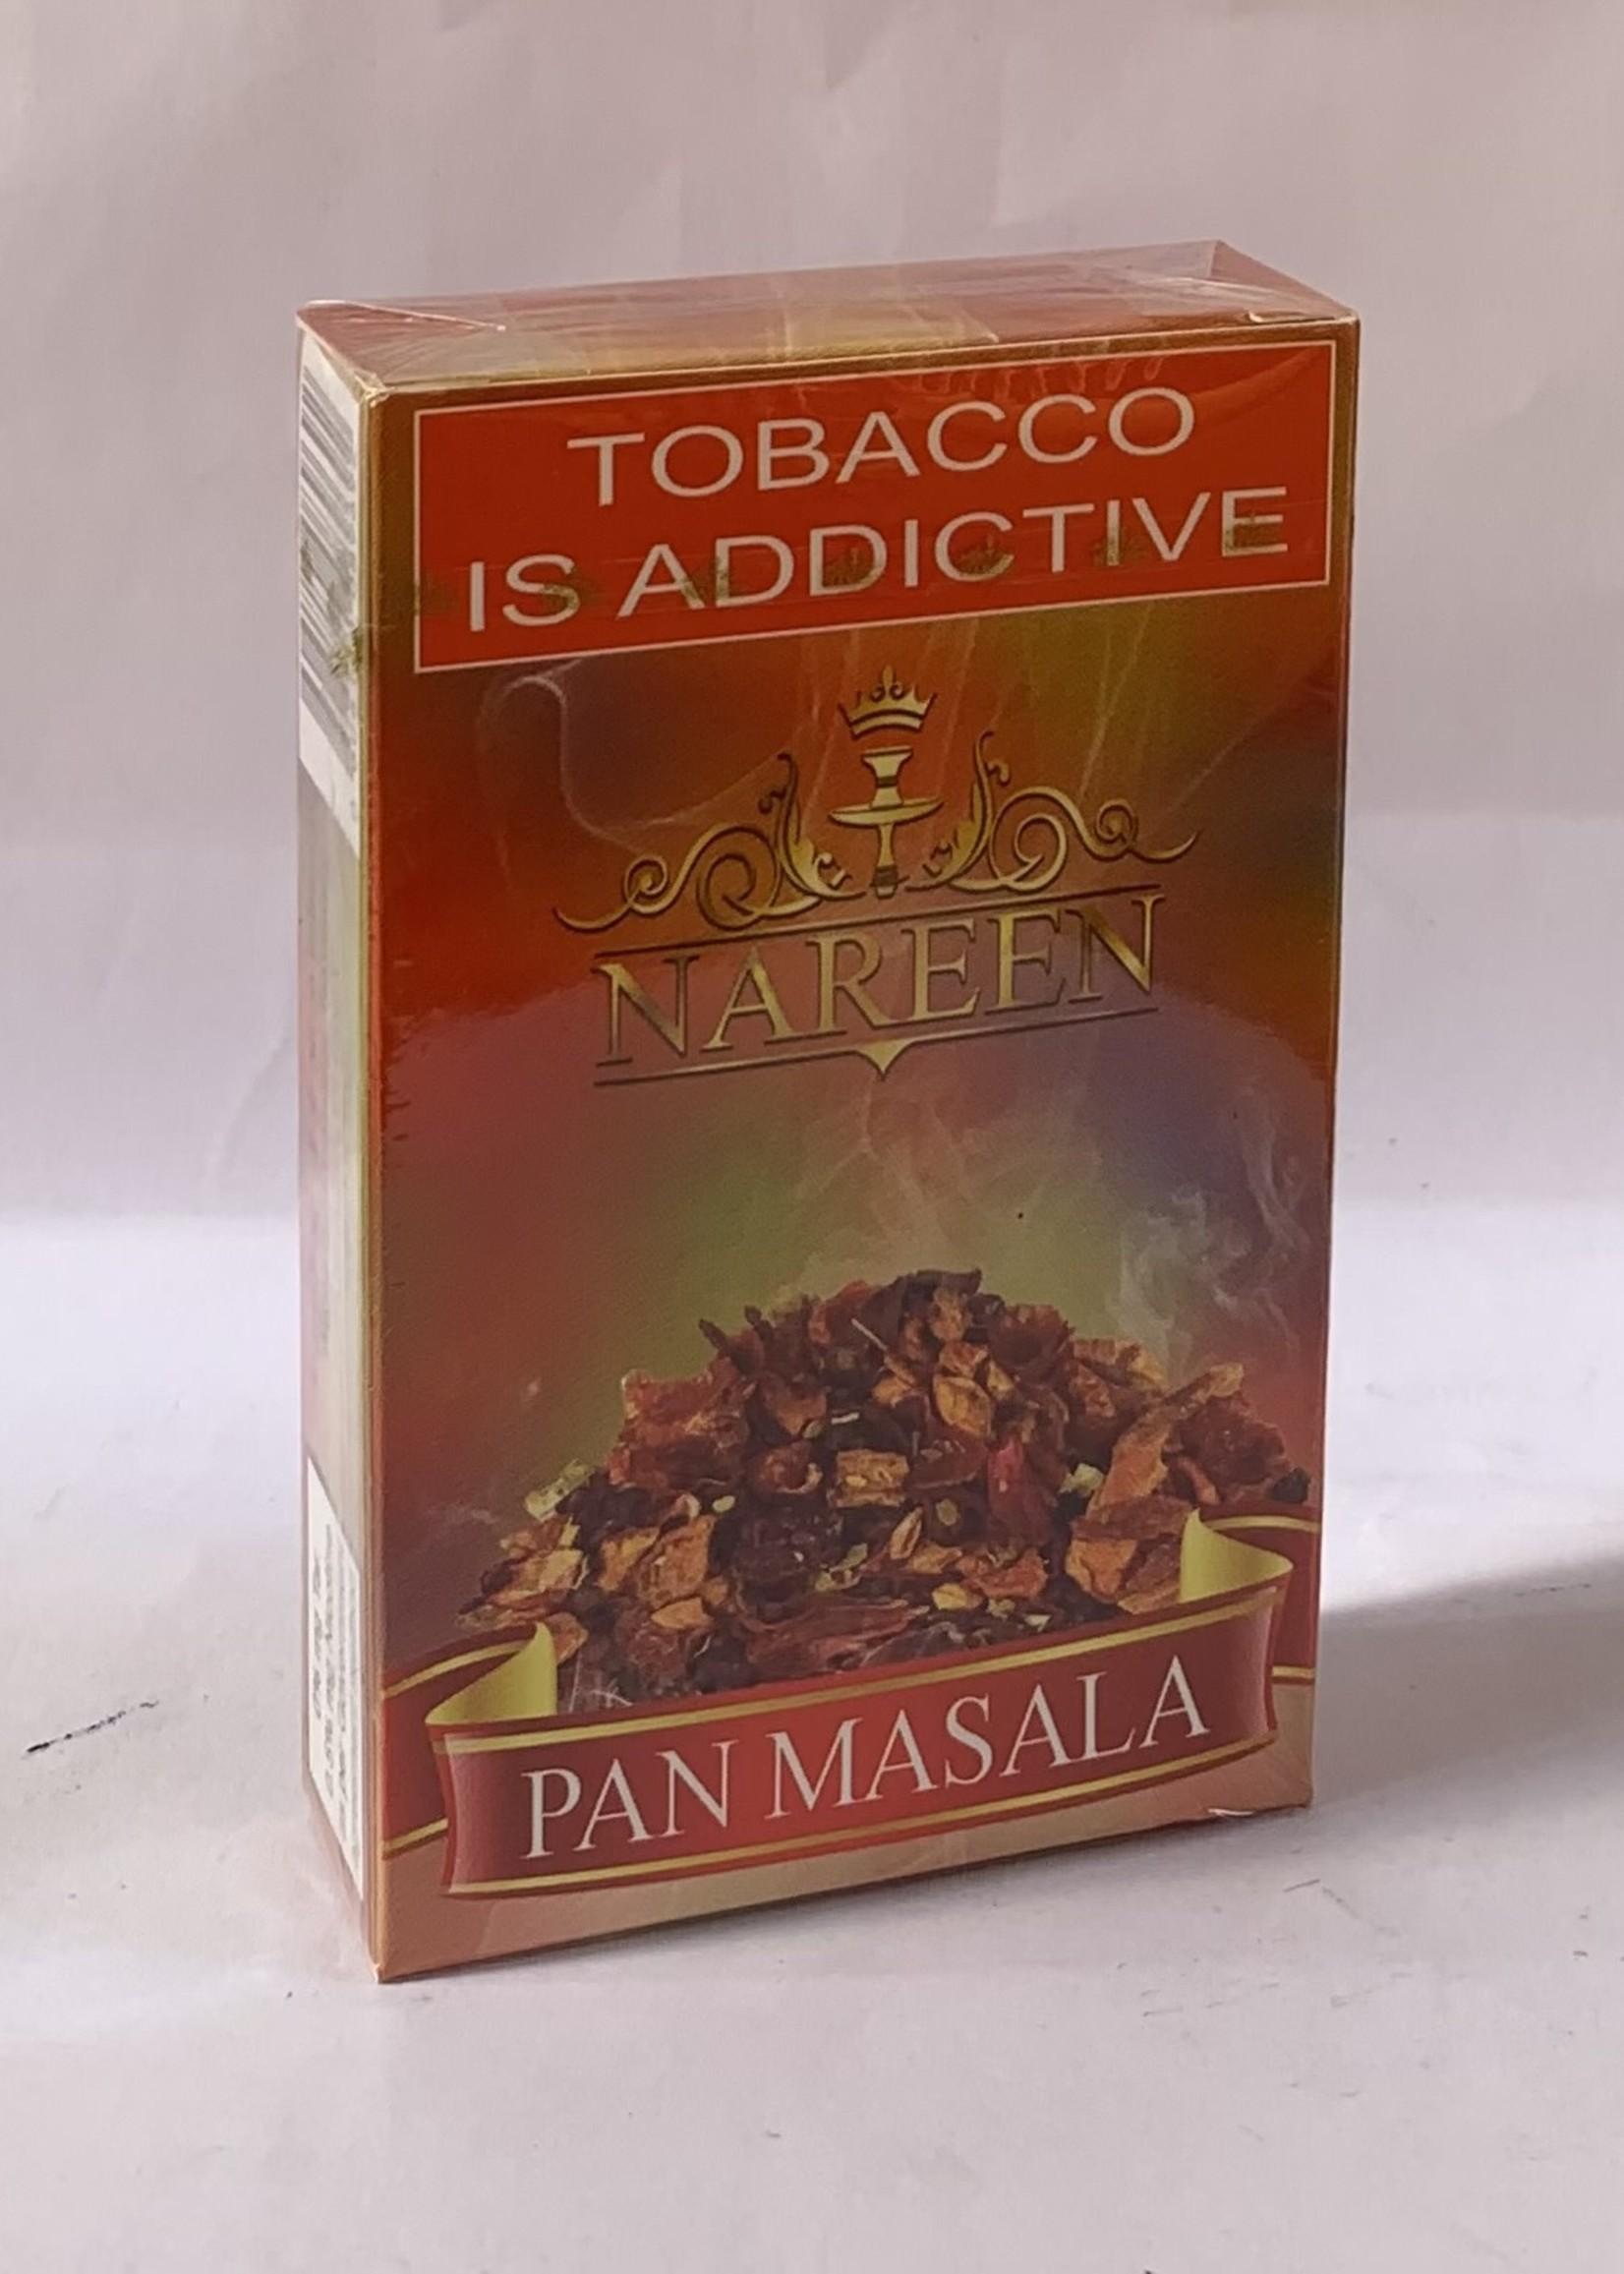 Nareen hubbly flavour - pan masala